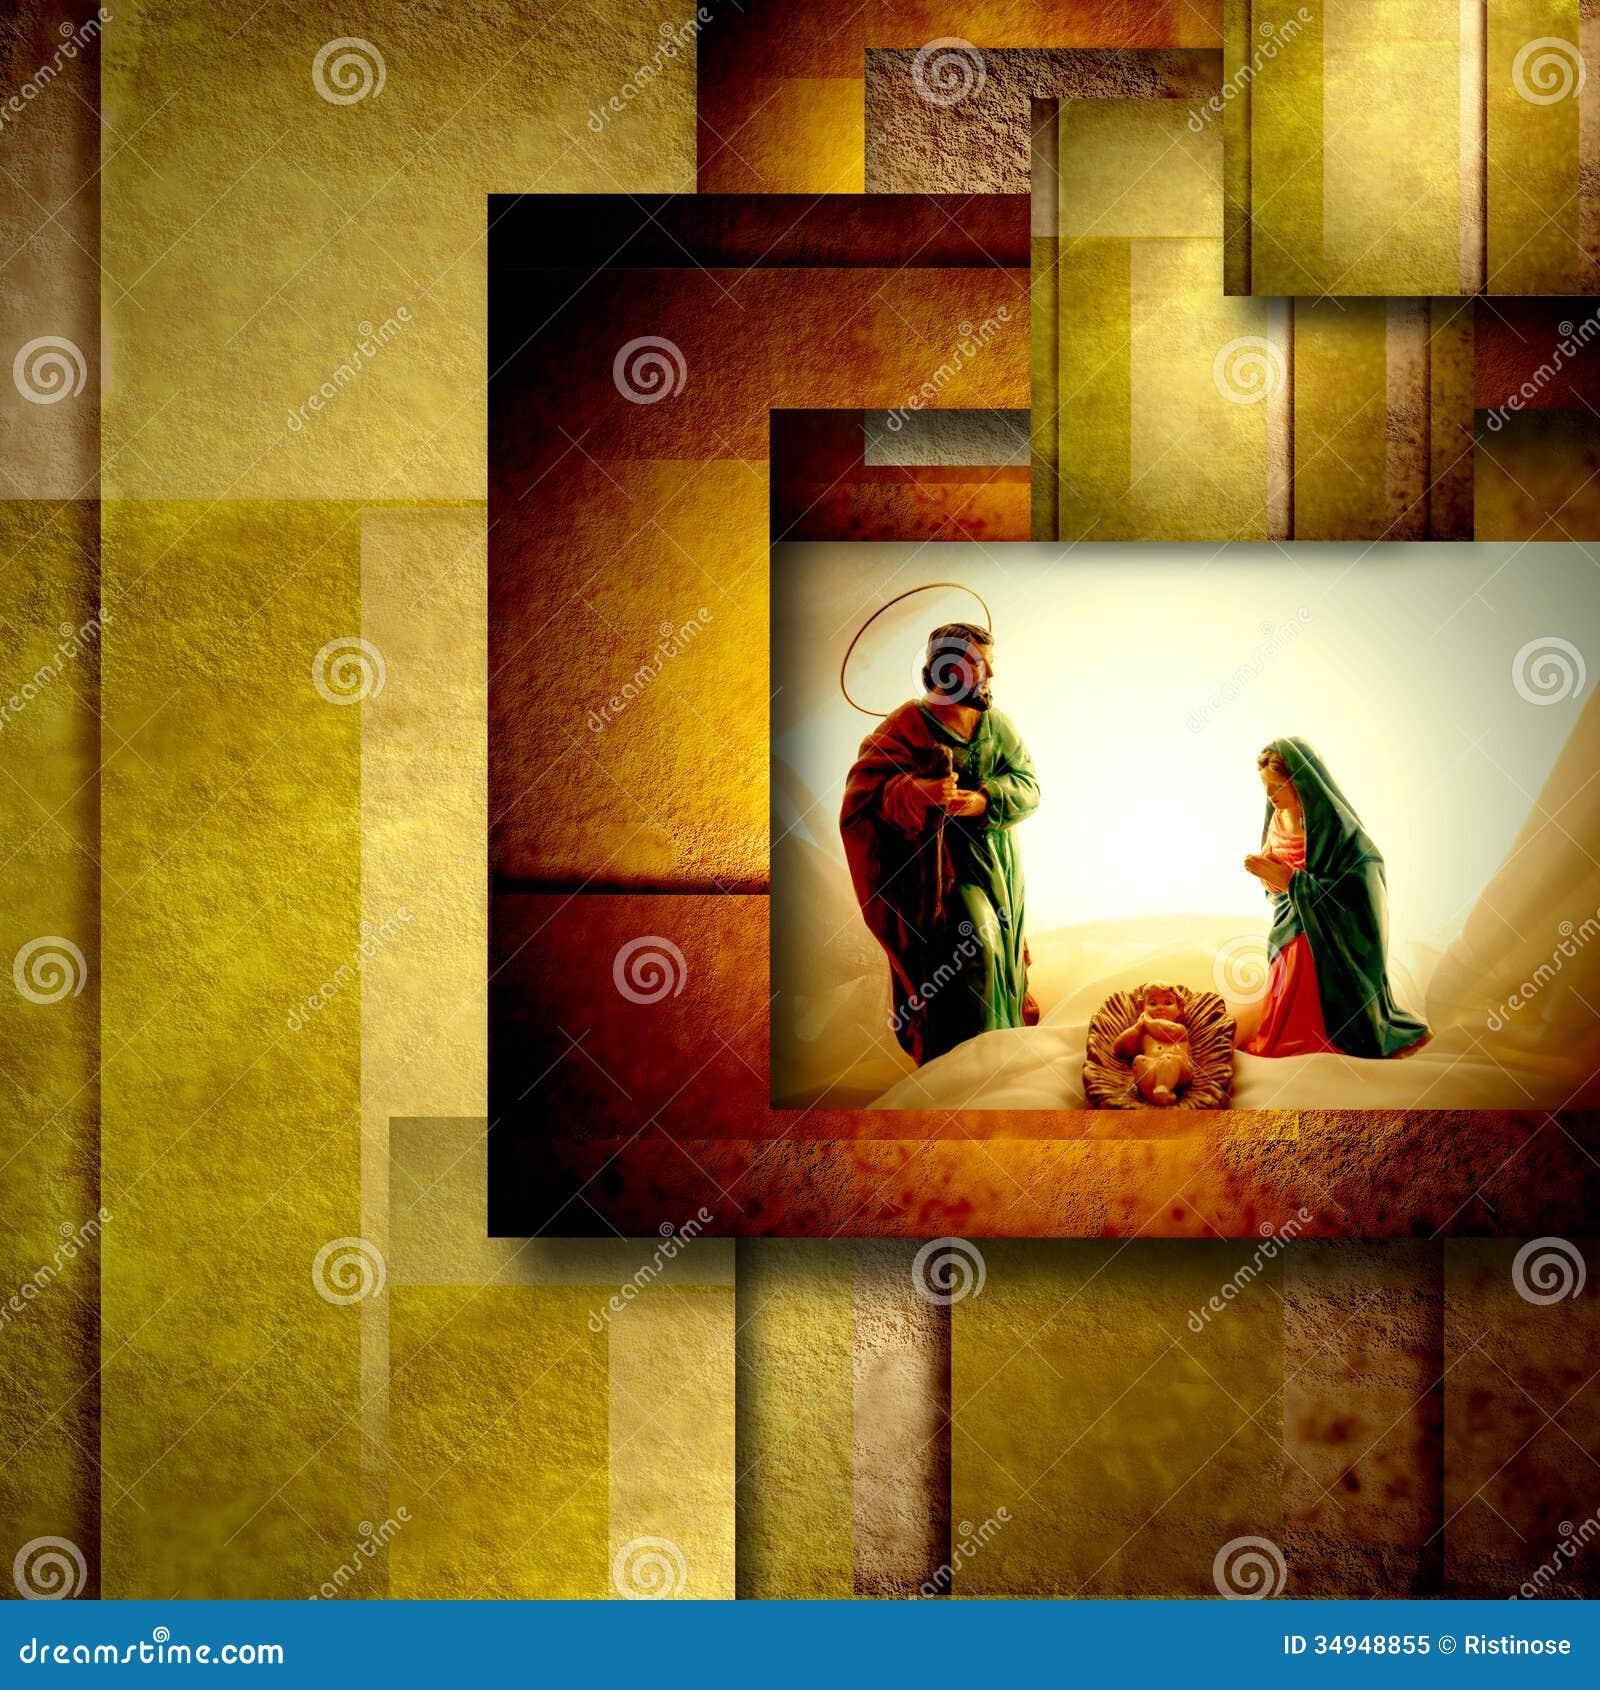 holy family christmas card stock image  image of christmas